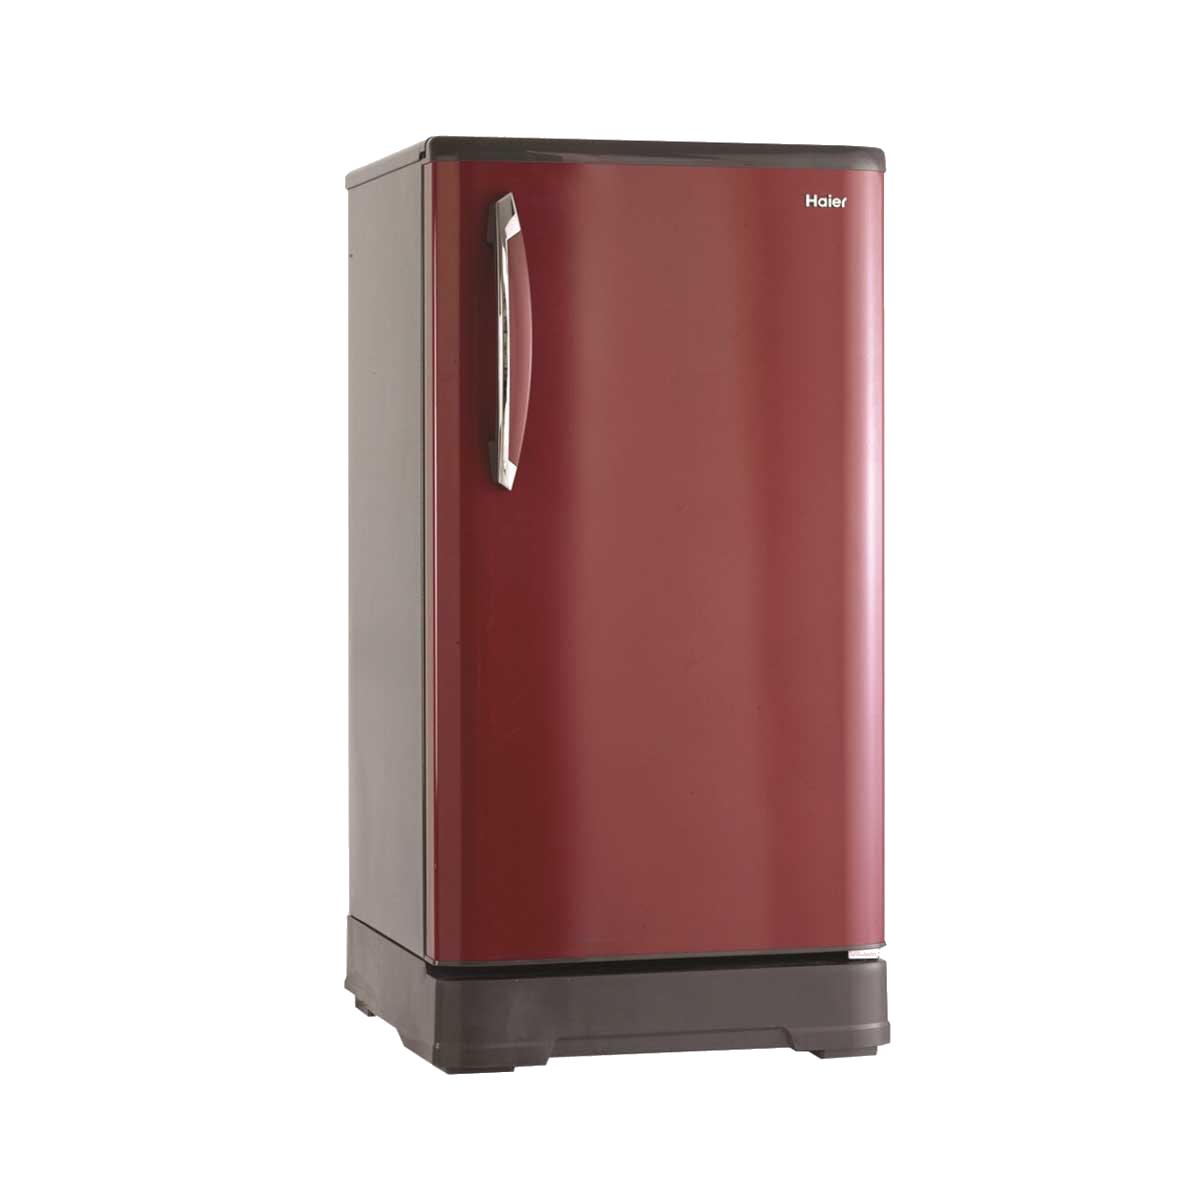 LG Refrigerator PNG Background Image SVG Clip arts